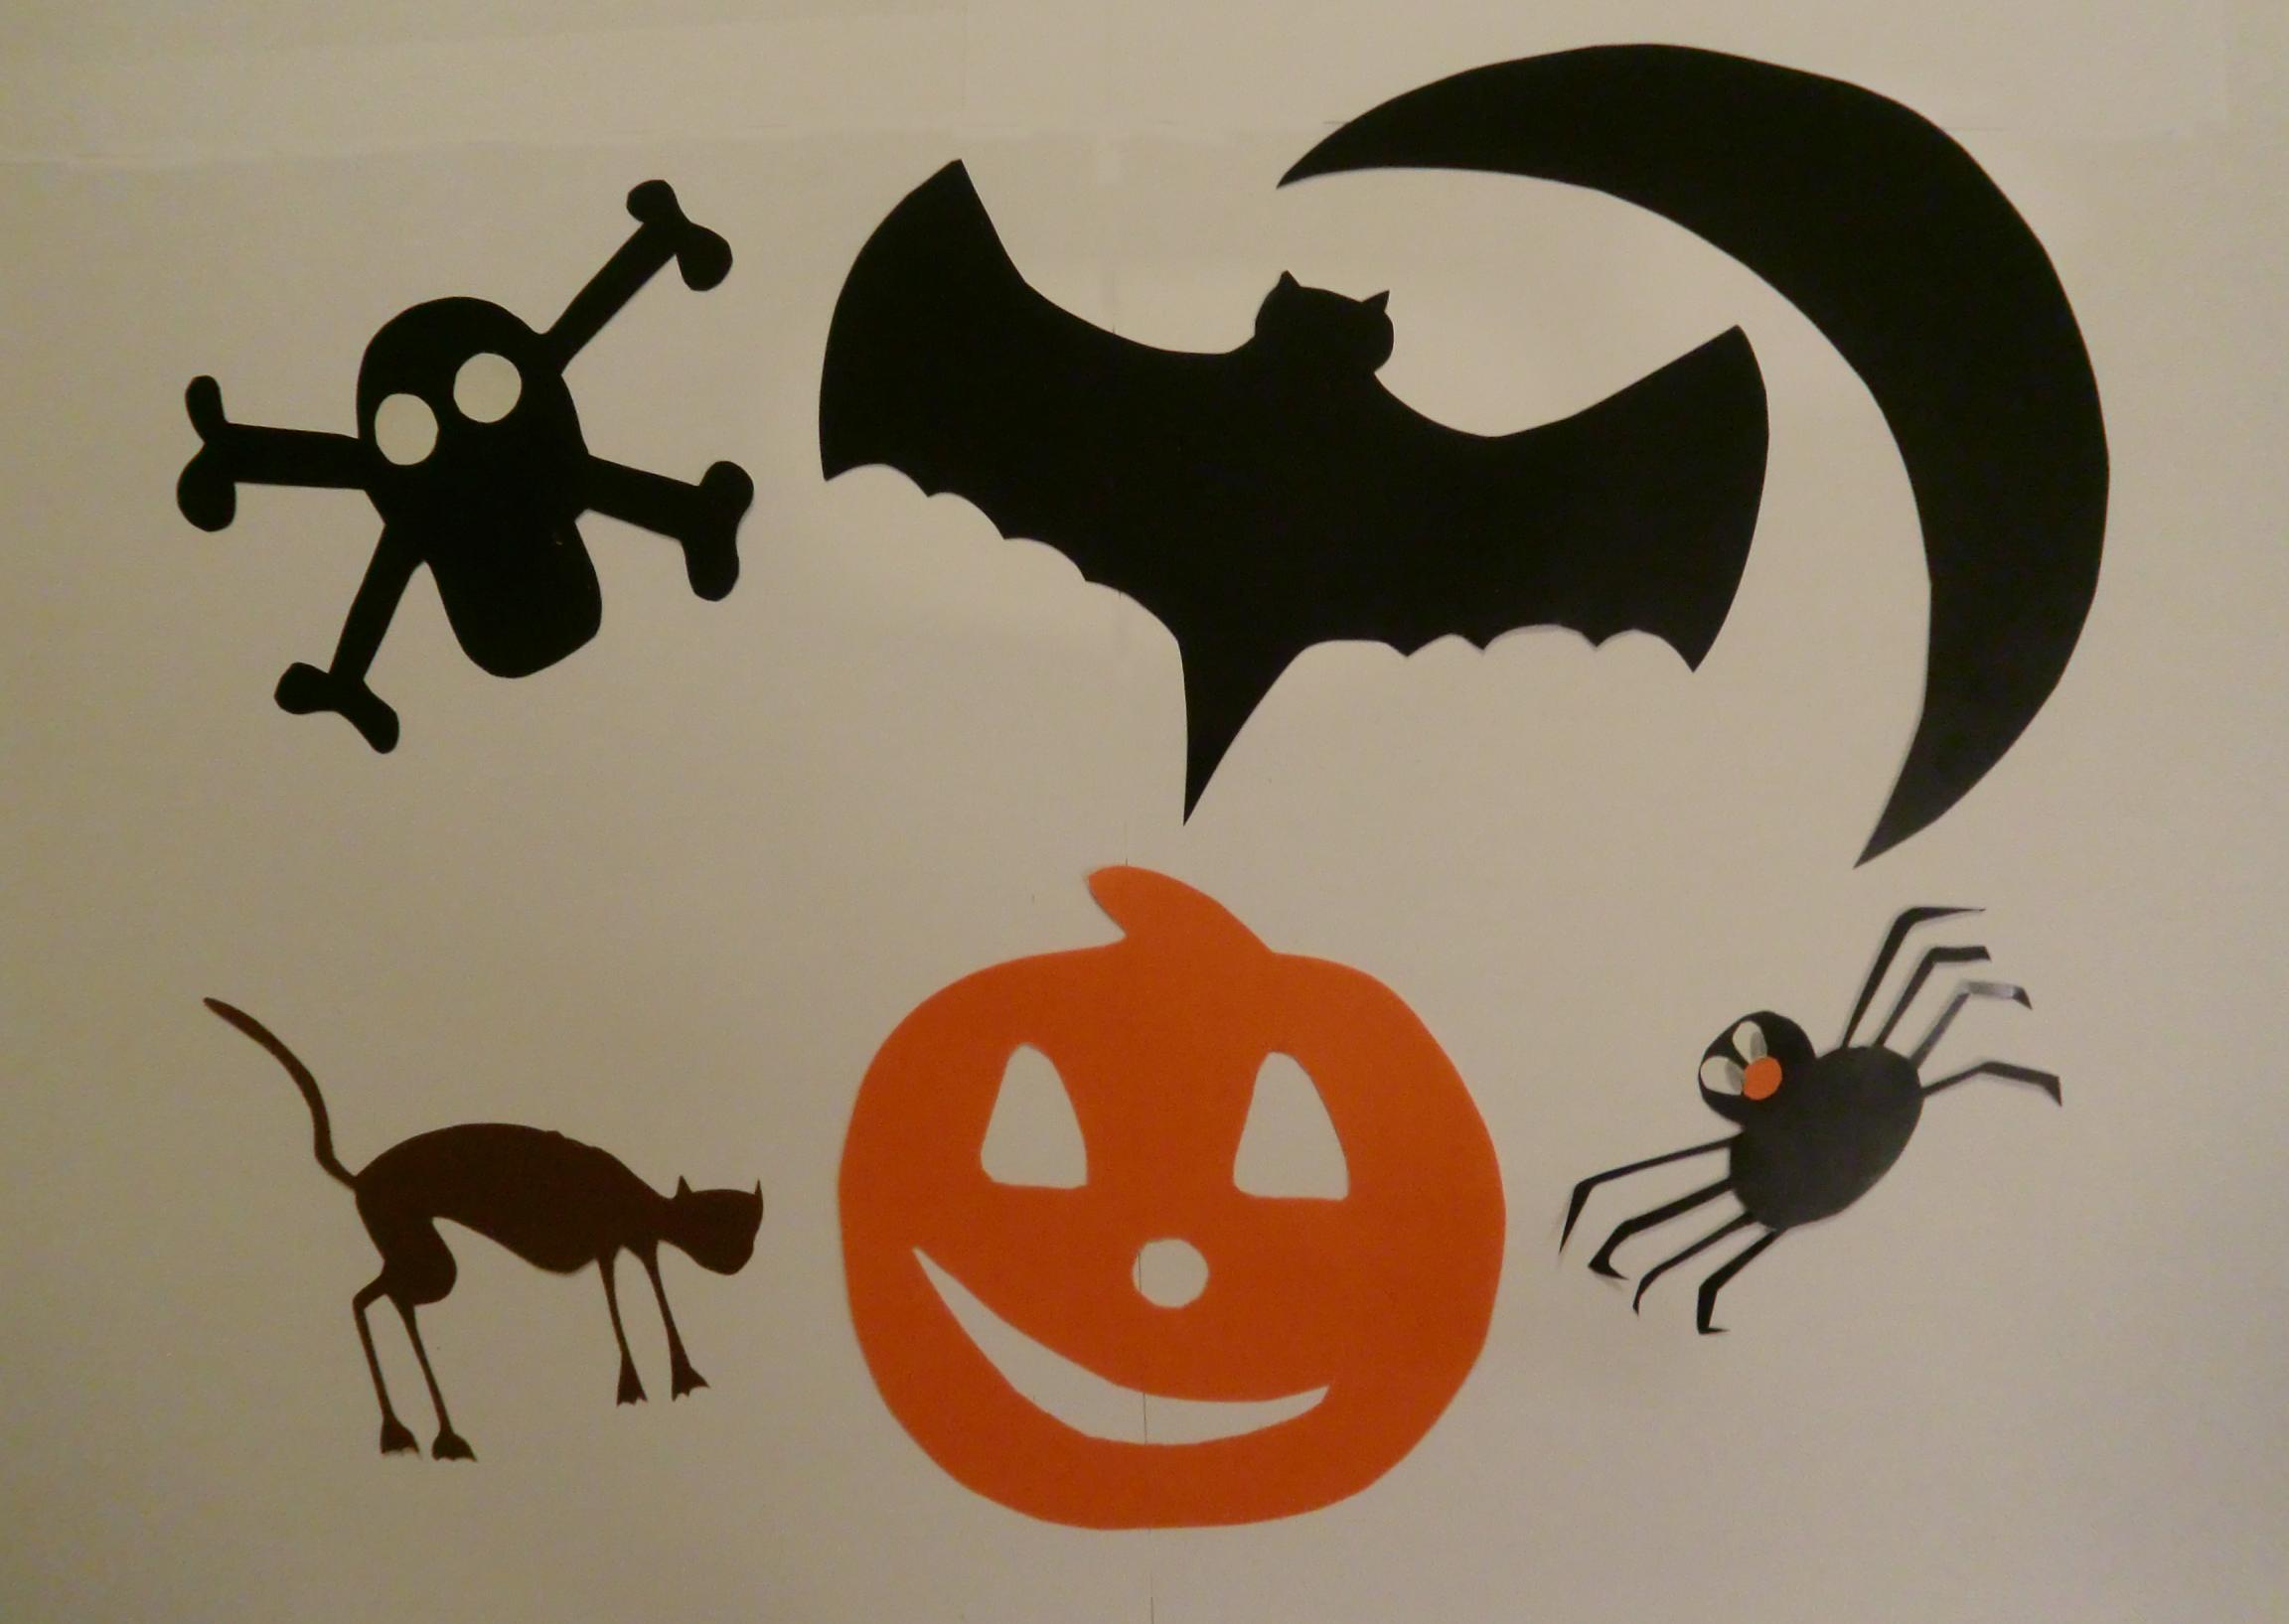 Dibujos para Halloween Manualidades teOcio teOcio El portal